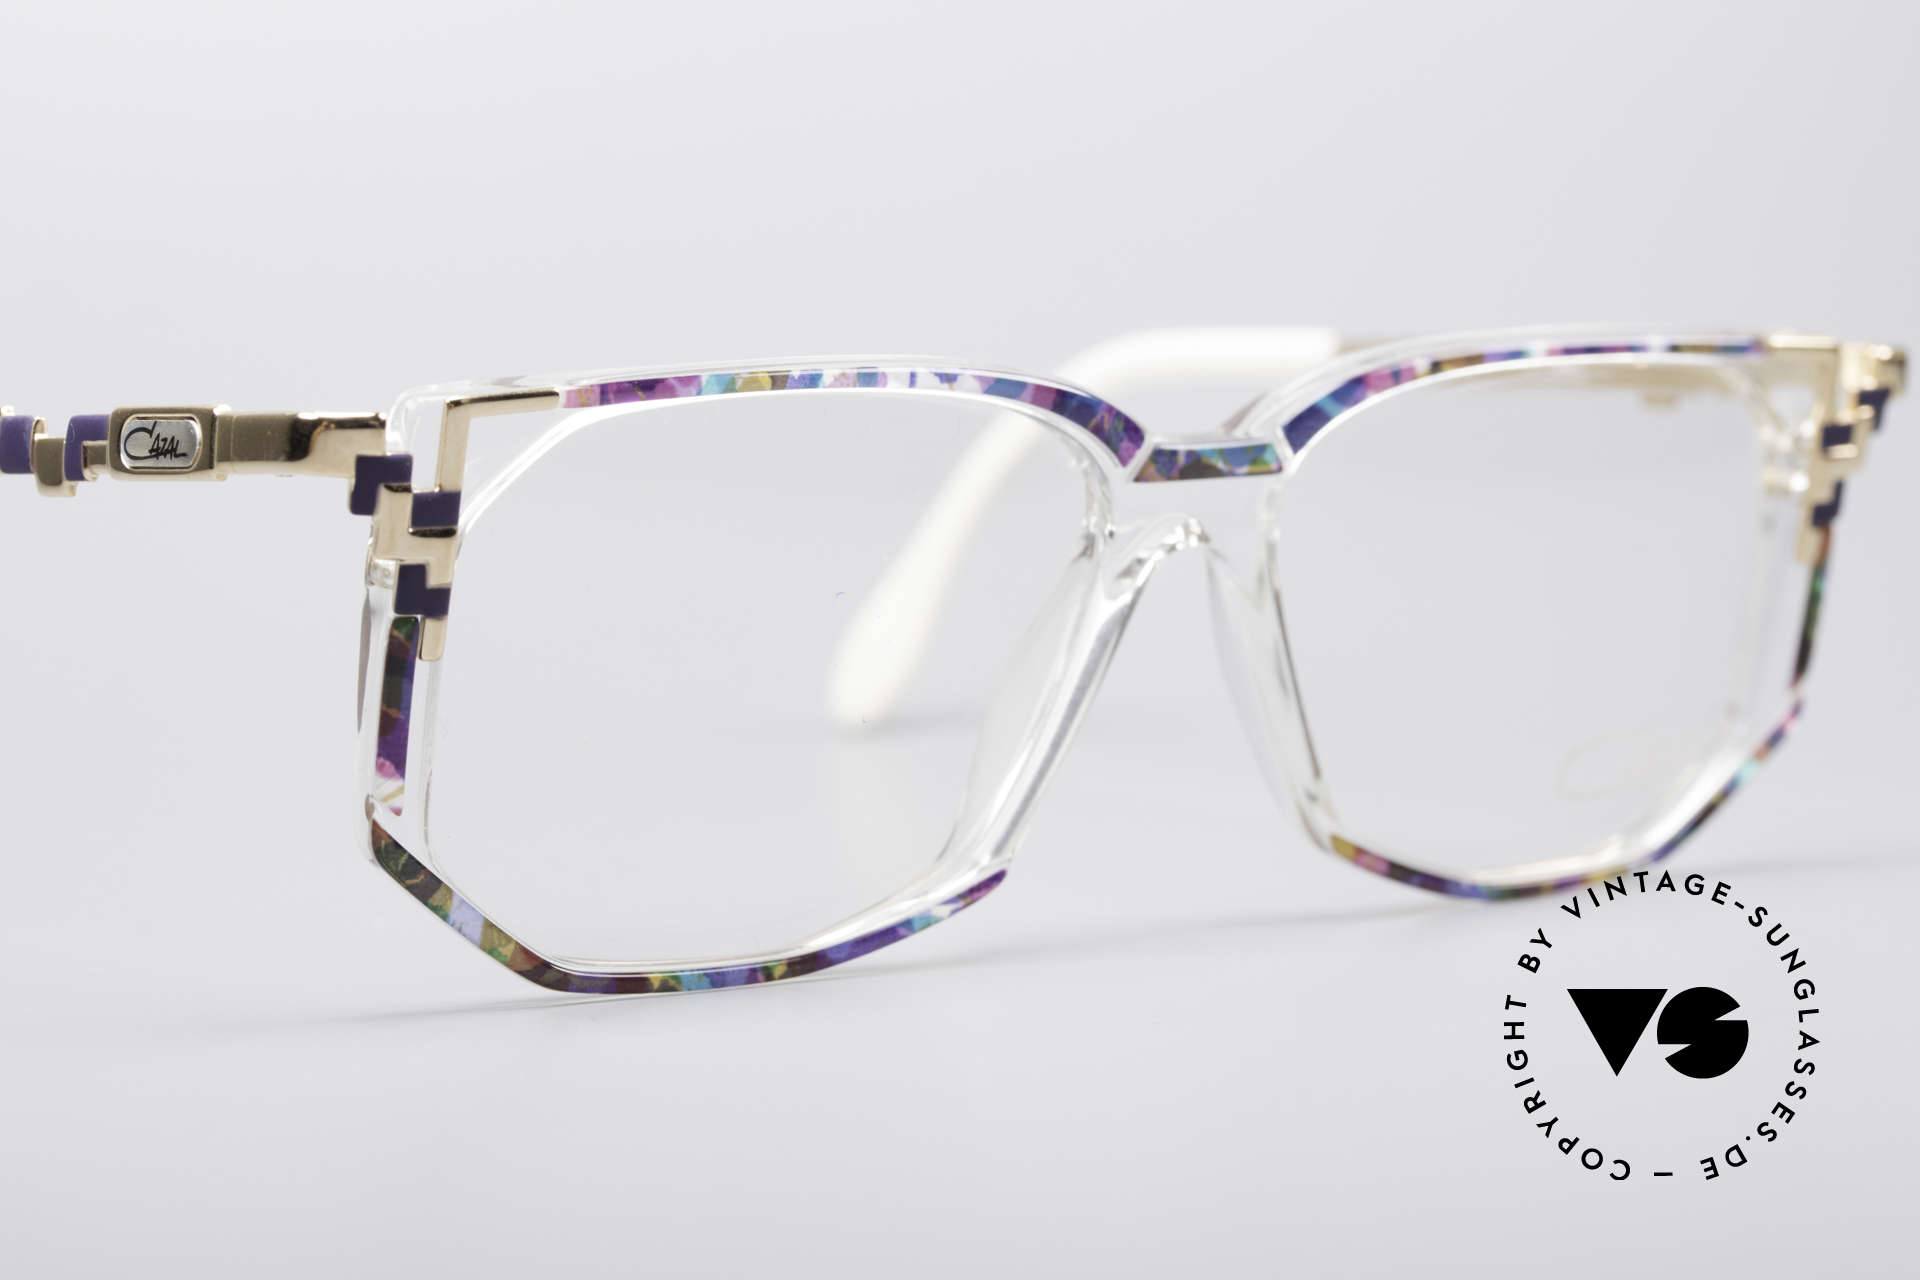 Cazal 357 Large Designer Eyeglasses, size 54/15 = 143mm width = wide frame (LARGE)!, Made for Women